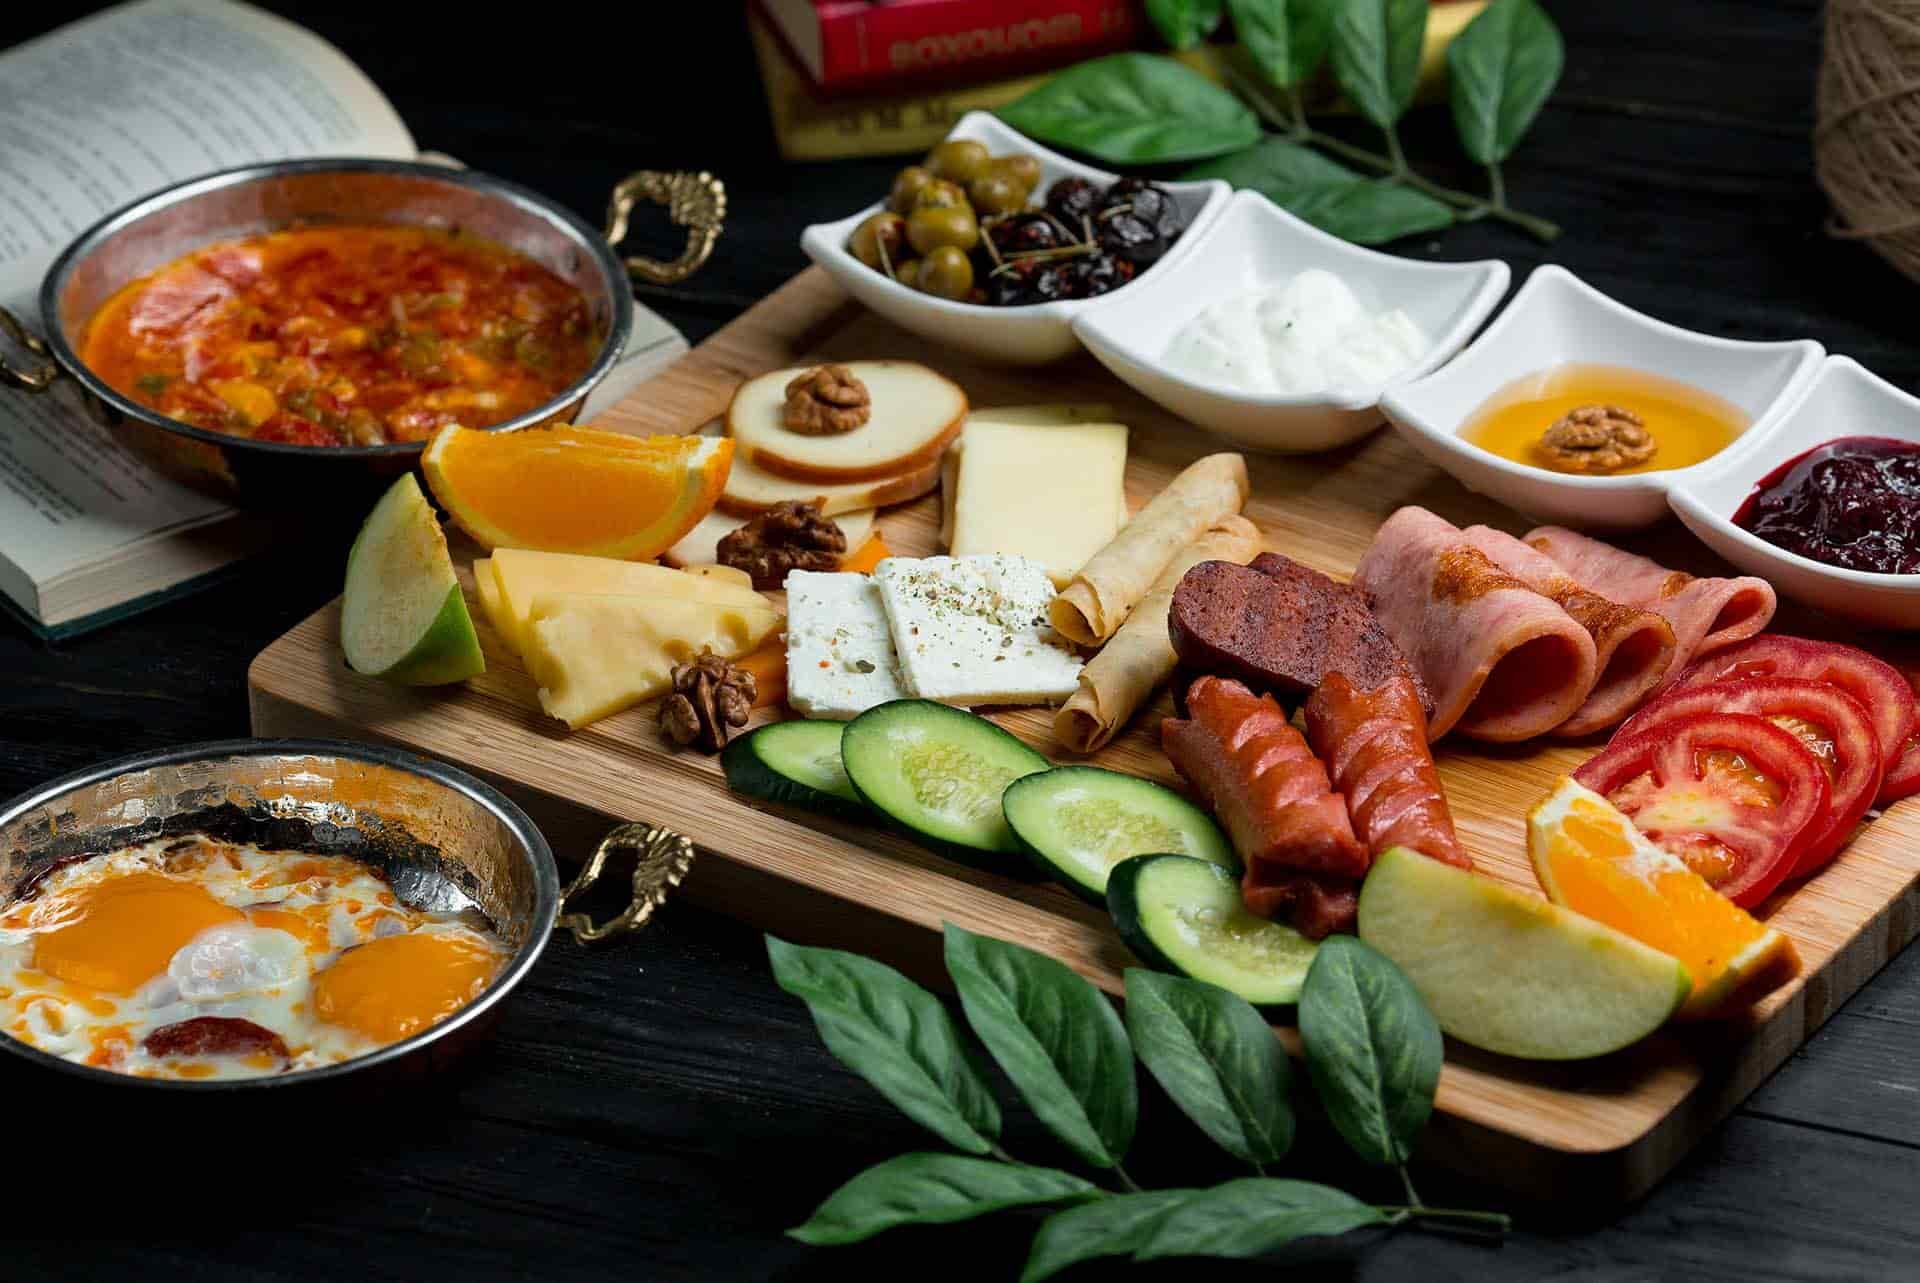 Kahvaltının Sağlık Açısından Faydaları